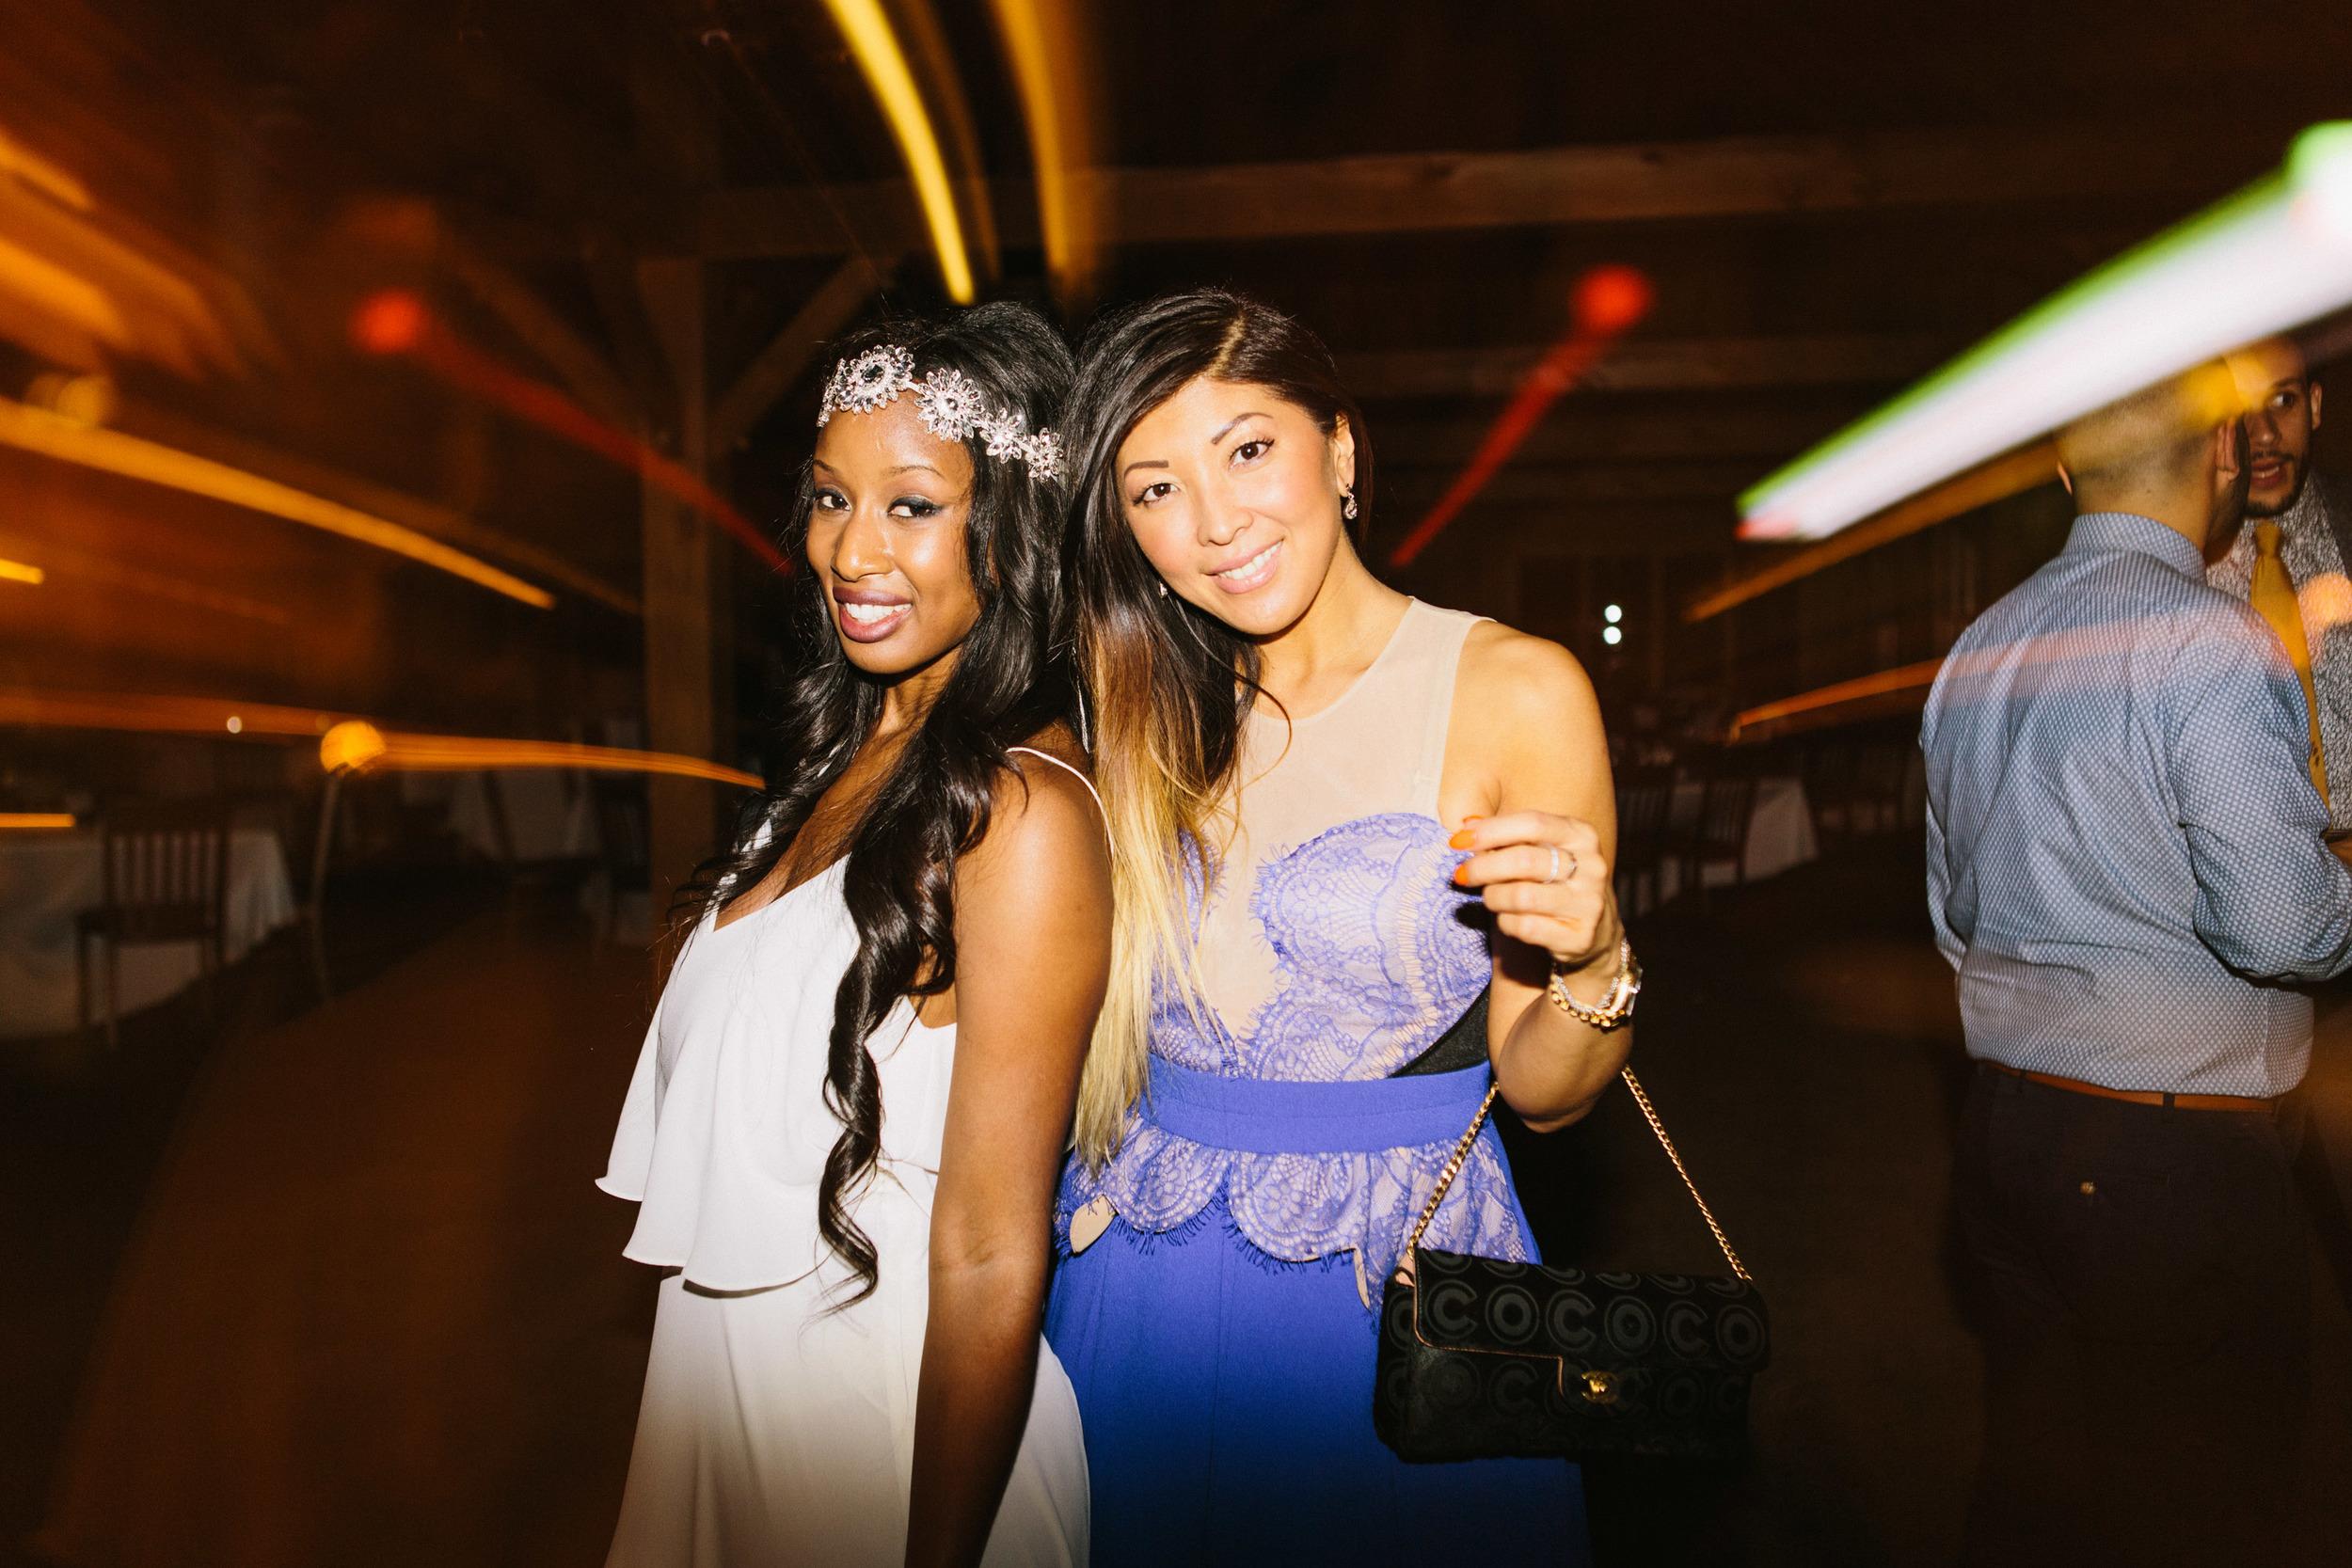 michael-rousseau-photography-shannae-ingleton-wedding-sean-craigleith-ski-club-wedding097.jpg